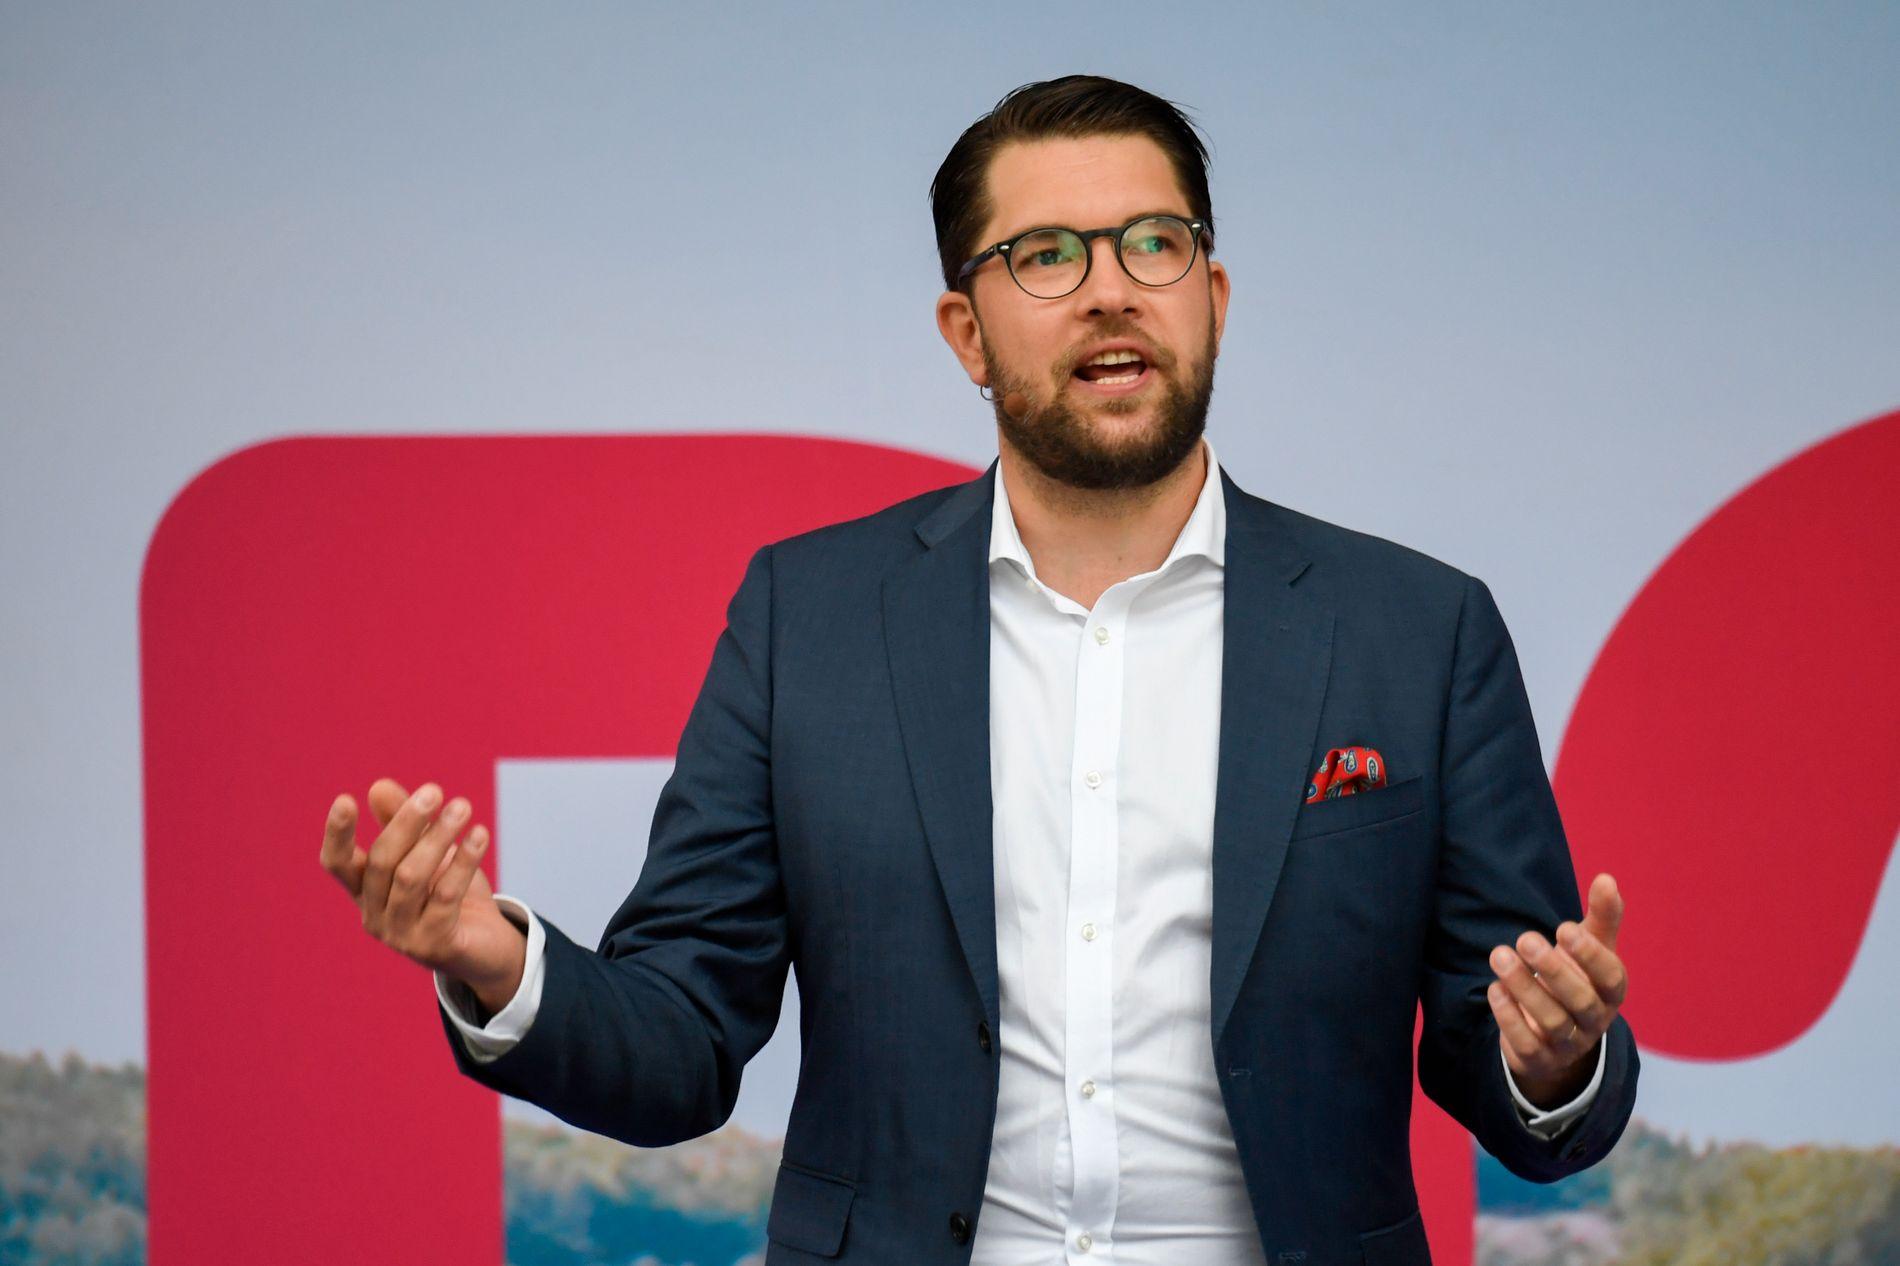 URØRLIG: Jimmy Åkesson og Sverigedemokraterna spås stor fremgang i valget. SD har vært et utenkelig samarbeidsparti for etablerte svenske partier. I Skåne kan det bli lokalt samarbeid mellom andre partier i ND.